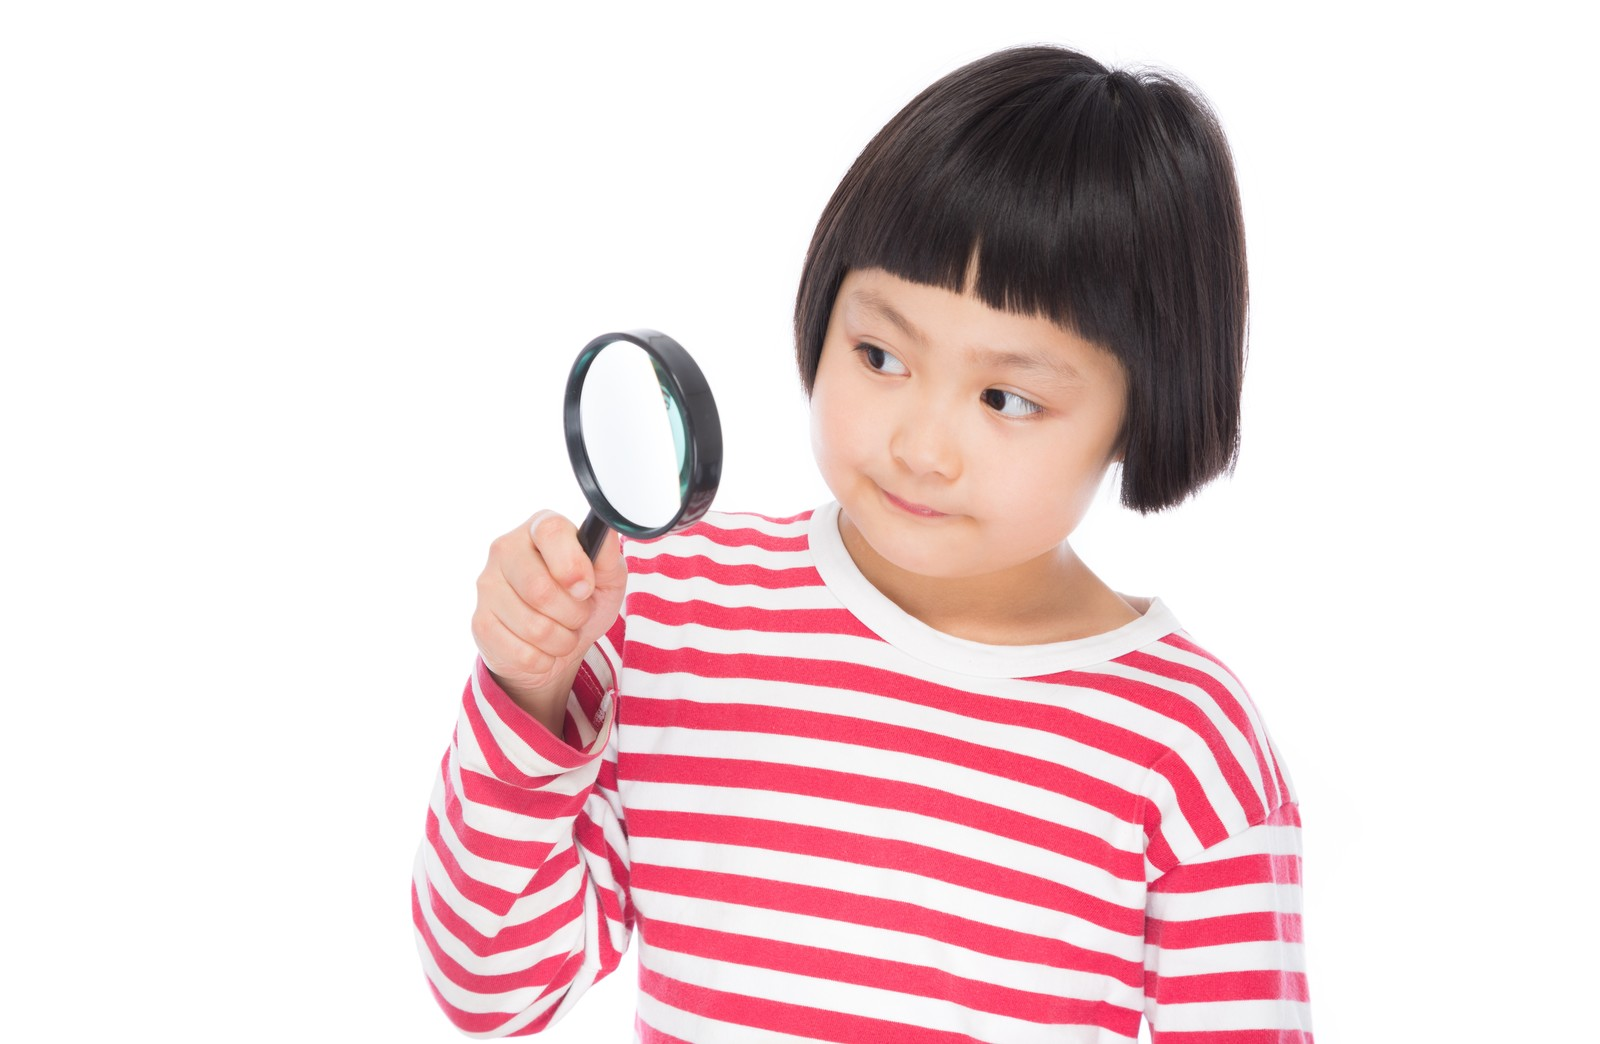 「虫眼鏡で観察する小学生虫眼鏡で観察する小学生」[モデル:ゆうき]のフリー写真素材を拡大